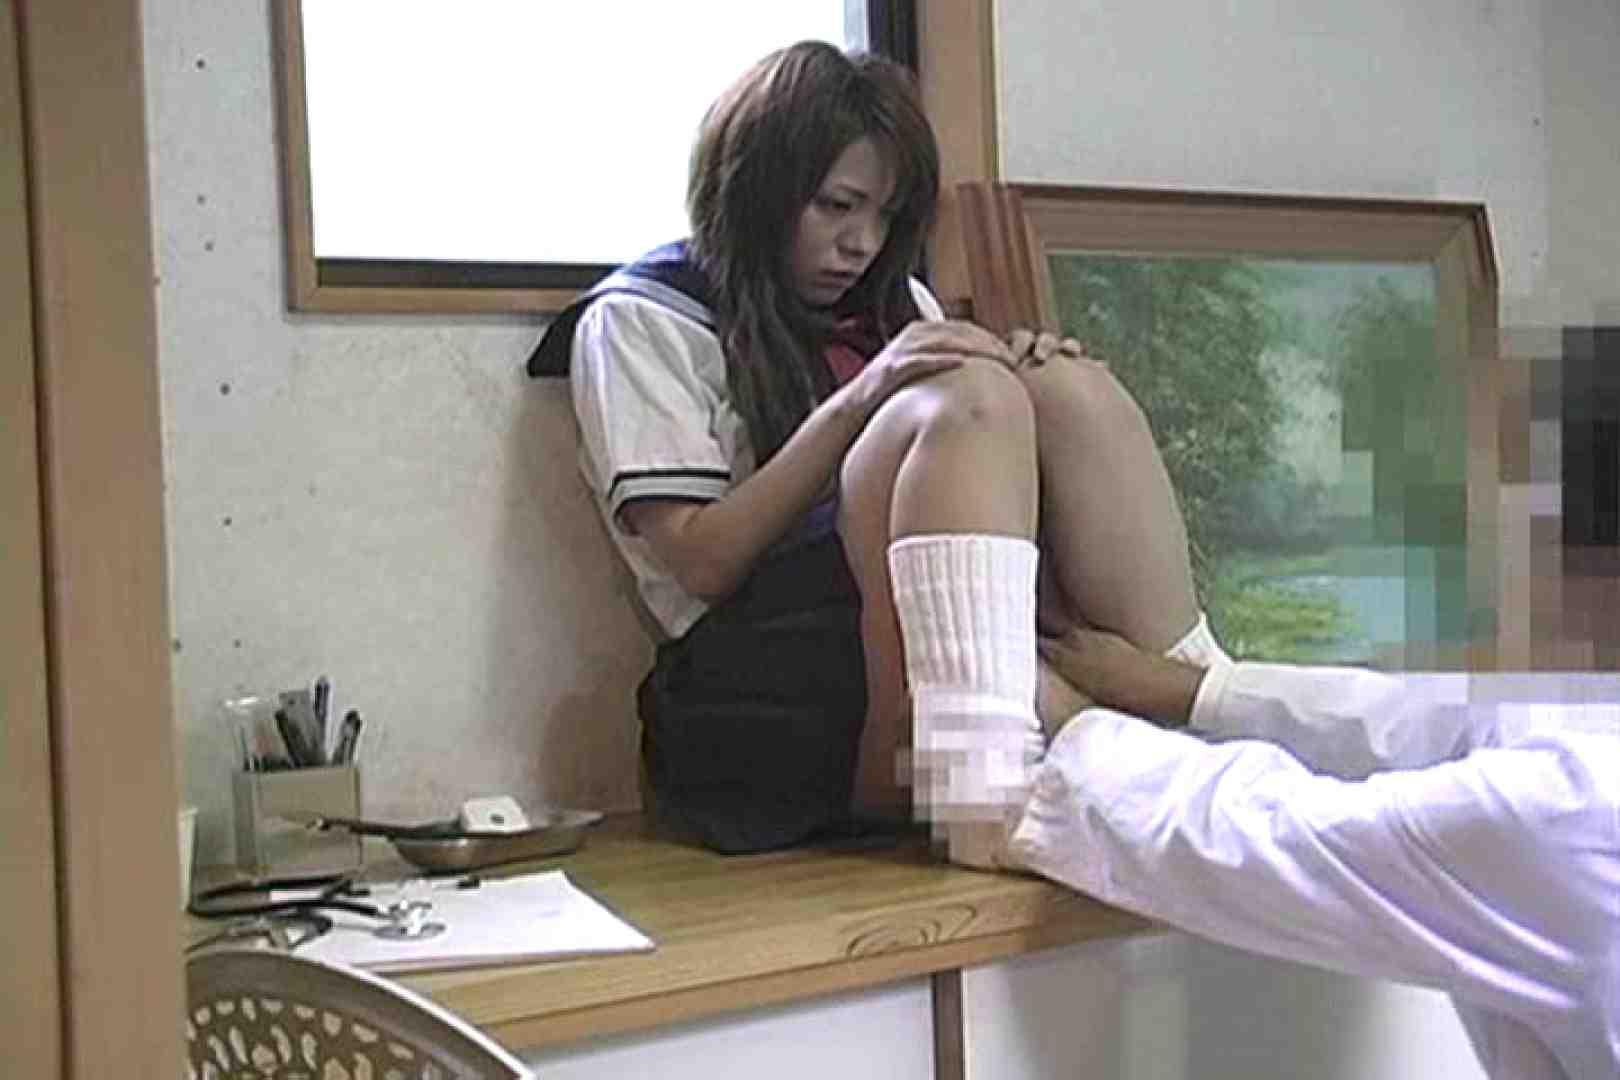 放課後居残り内科検診Vol.6 悪戯 オメコ無修正動画無料 73画像 9